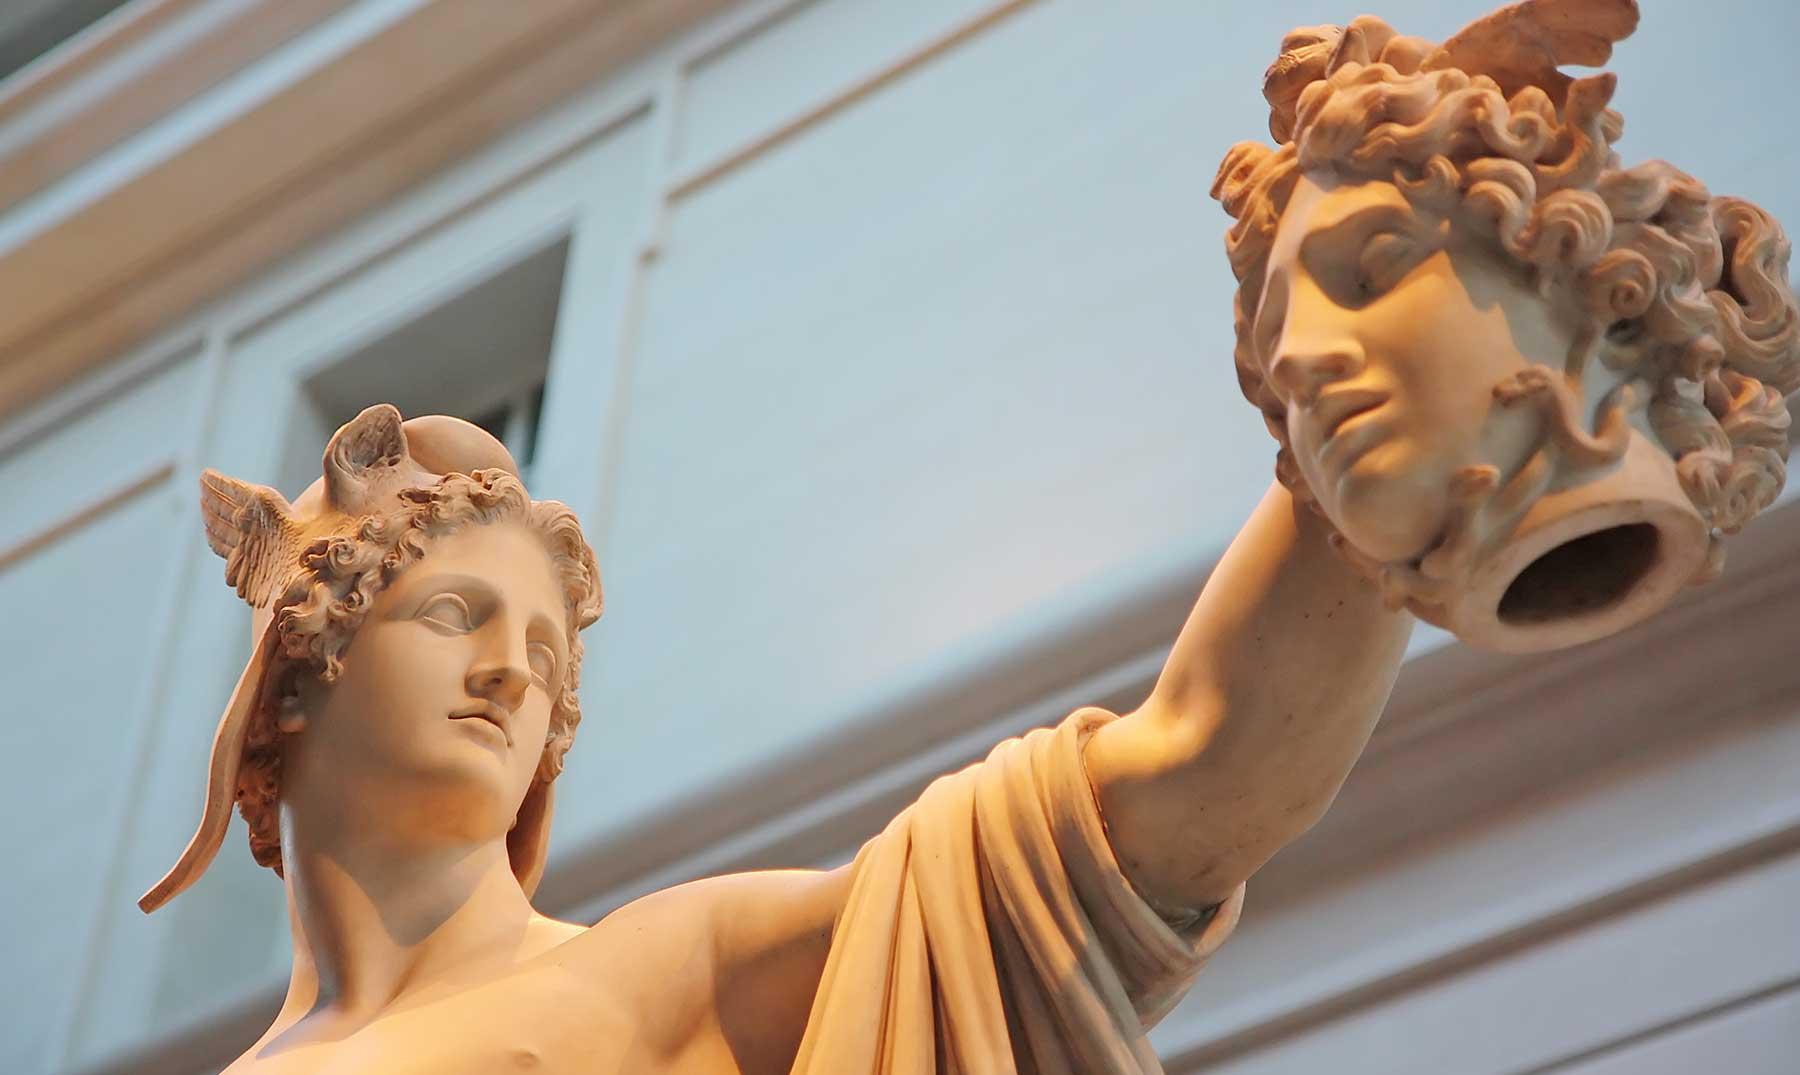 110 Frases De Mitología Griega La Sabiduría Antigua Imágenes